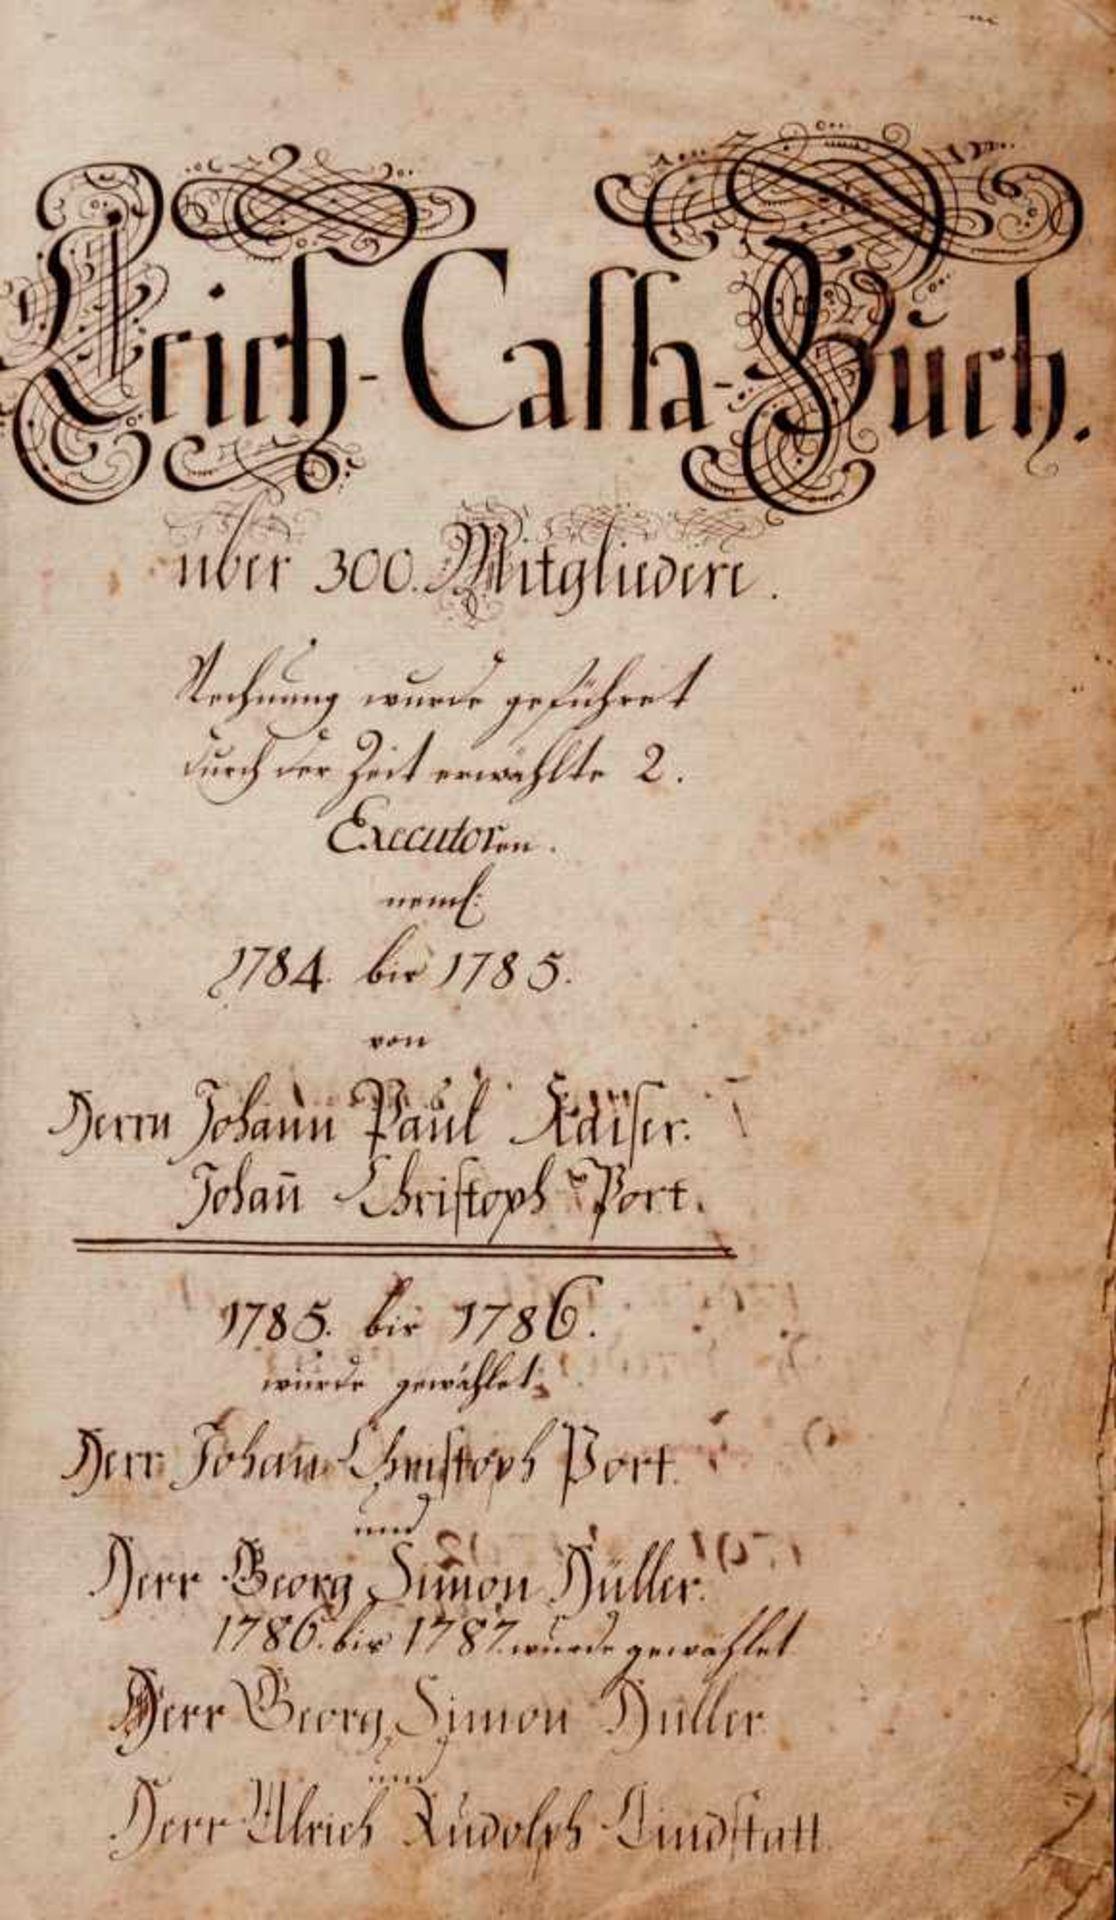 """Nürnberg- """"Leich-Cassa-Buch."""" Deutsche Handschrift auf Papier.Nürnberg, dat. 1784-1811, mit - Bild 2 aus 4"""